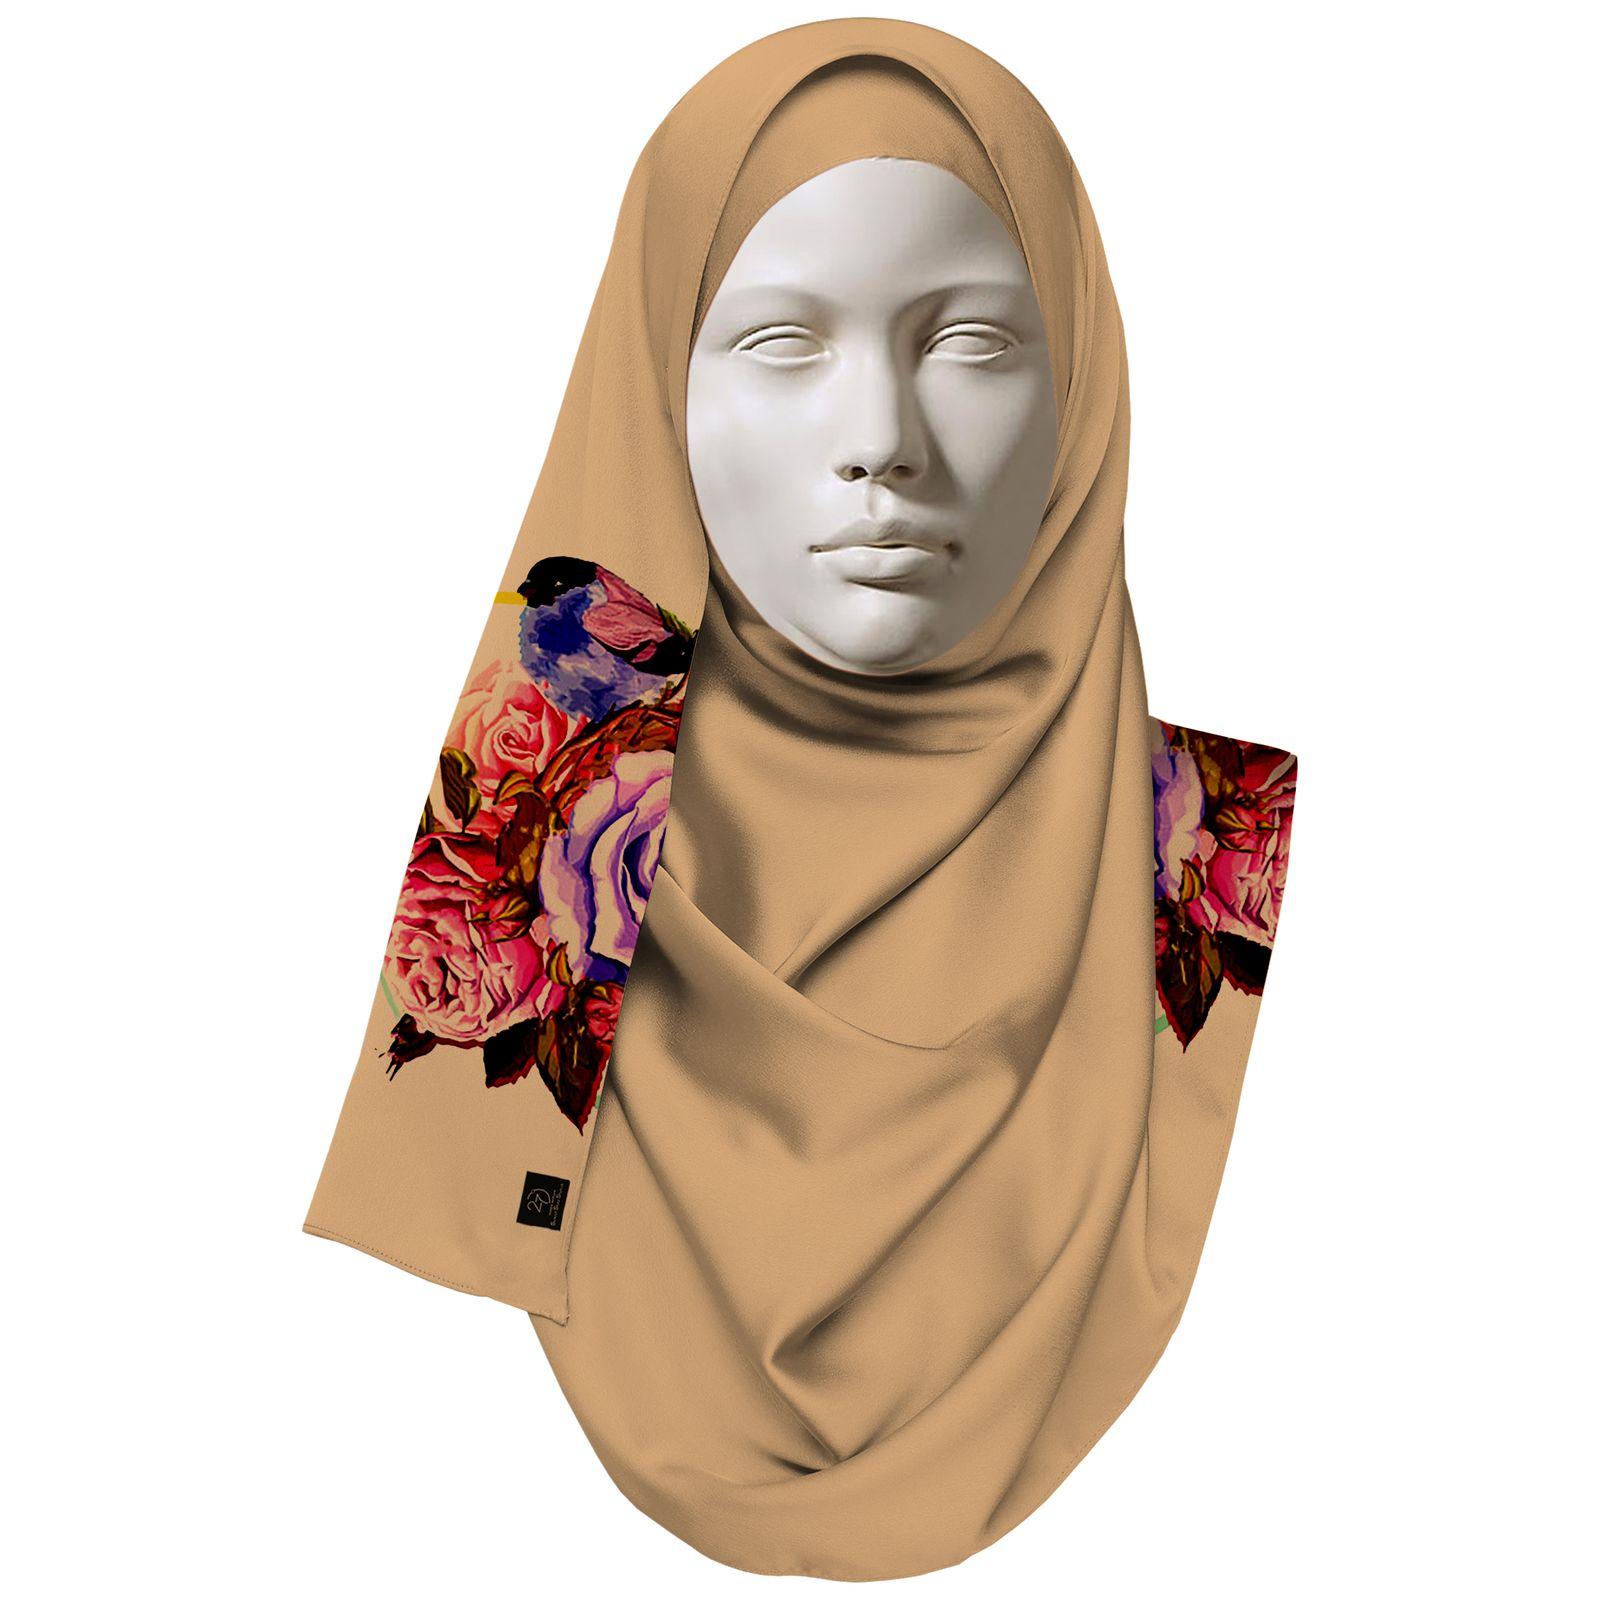 روسری زنانه 27 طرح پرنده و گل کد H06 -  - 3